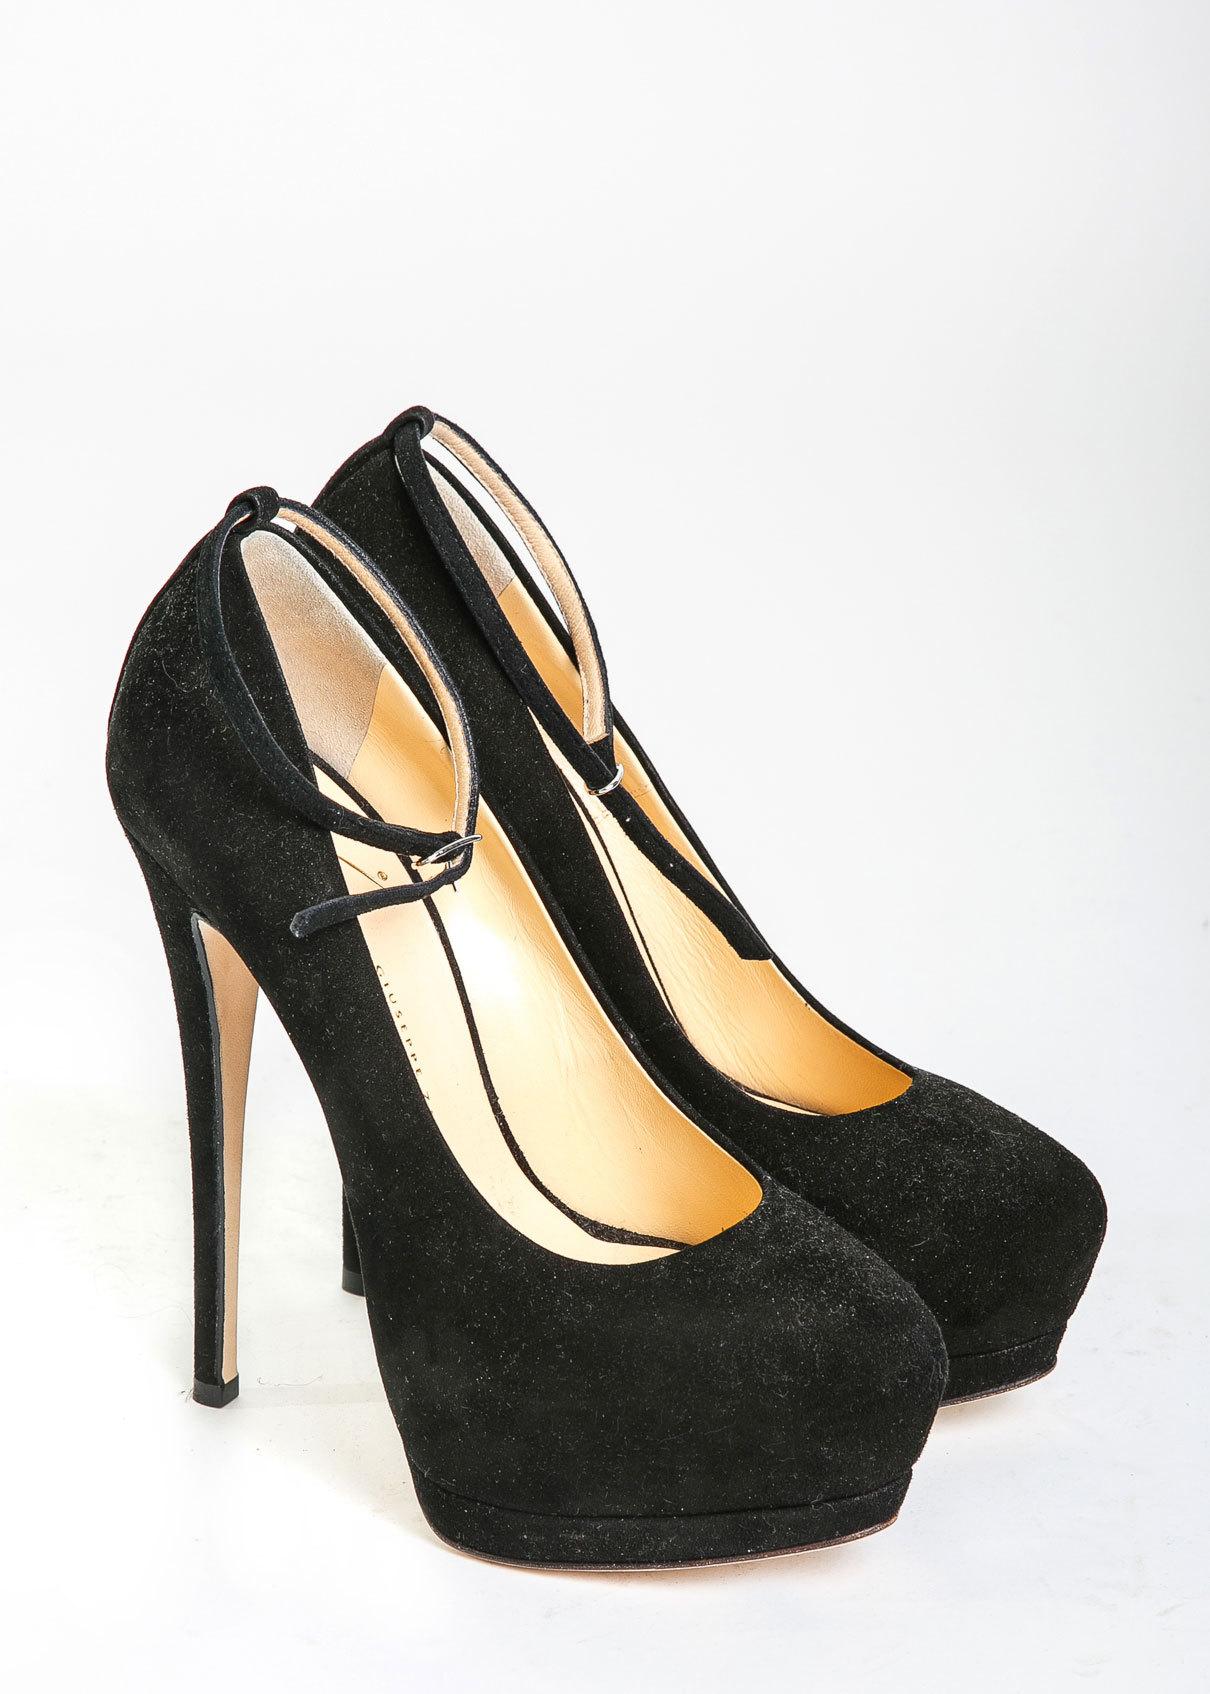 Брюки и туфли доставка